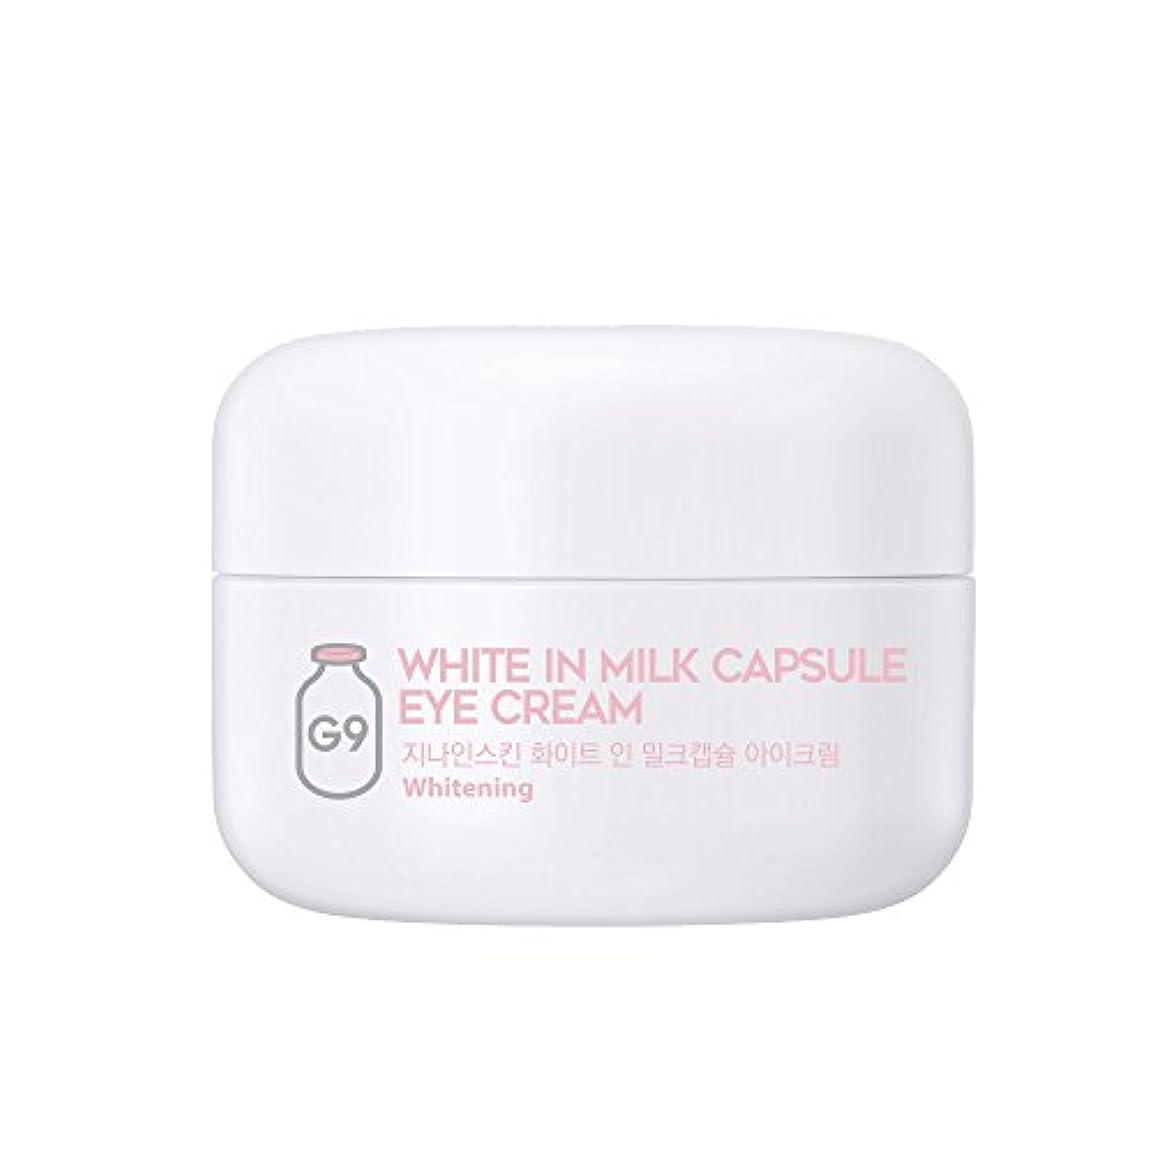 のみ消費シリーズG9SKIN(ベリサム) White In Milk Capsule Eye Cream ホワイトインミルクカプセルアイクリーム 30g